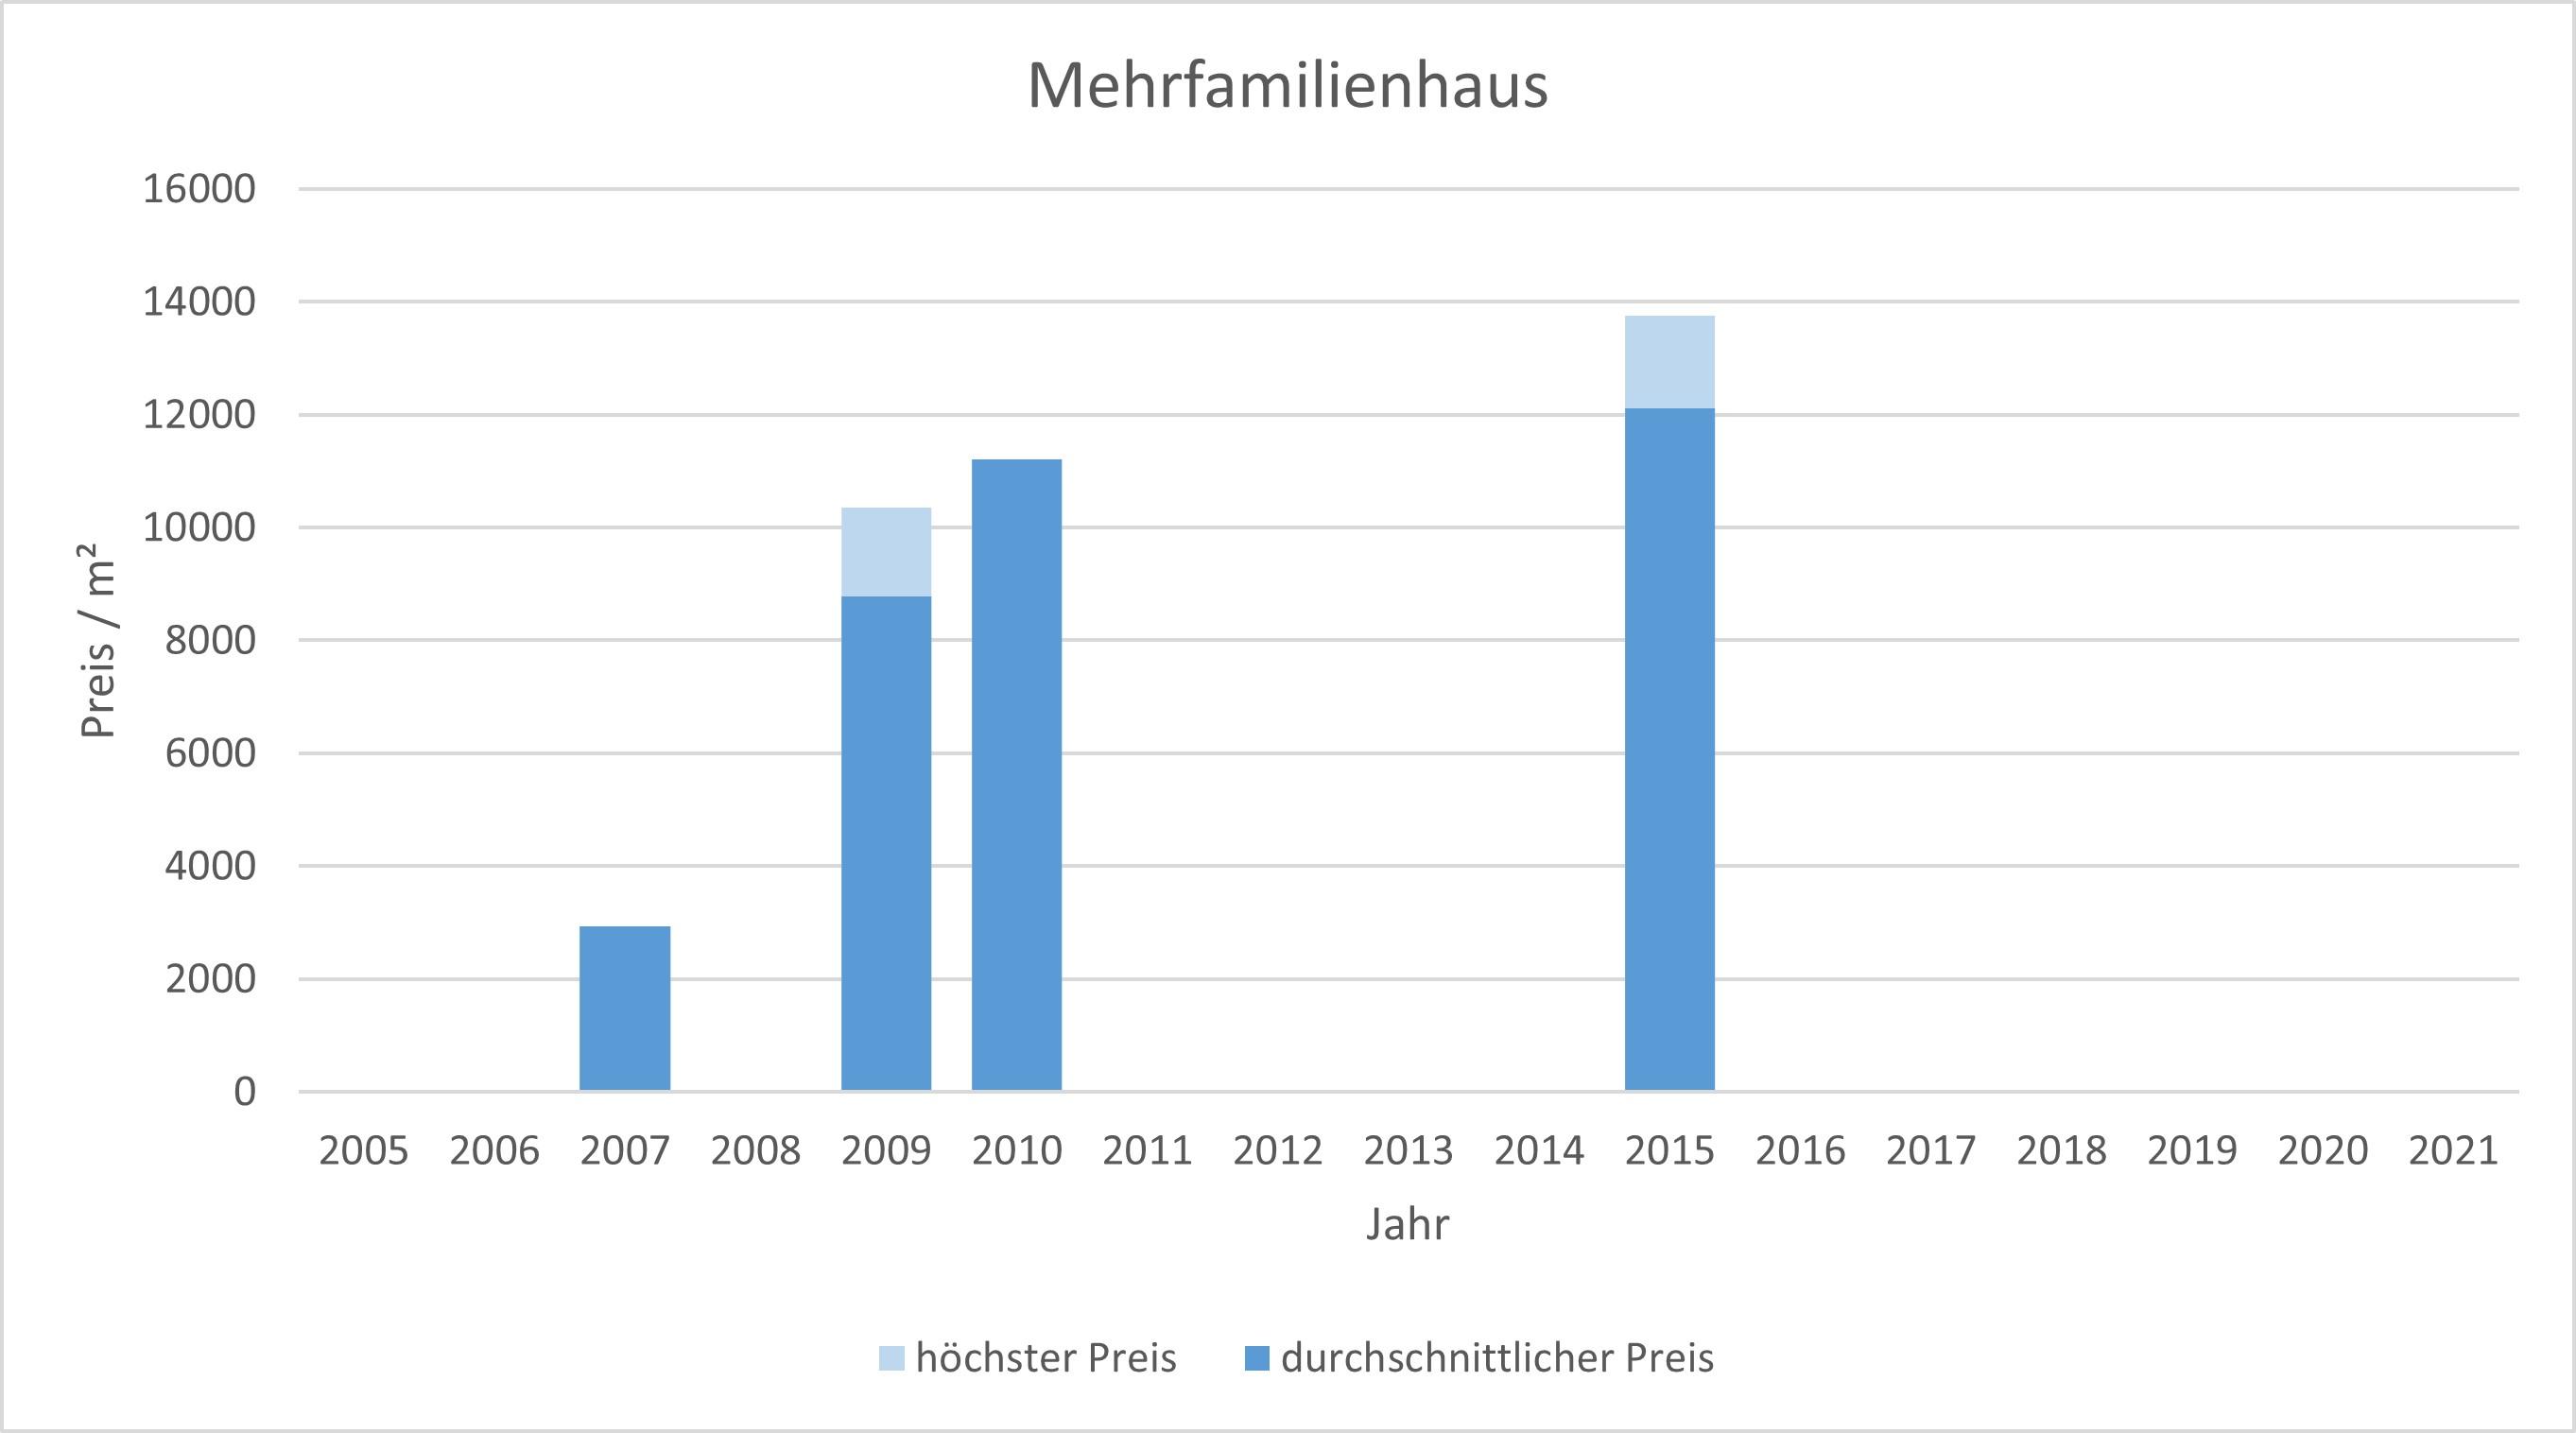 München - Herzogpark mehrfamilienhaus kaufen verkaufen Preis Bewertung Makler 2019 2020 2021 www.happy-immo.de